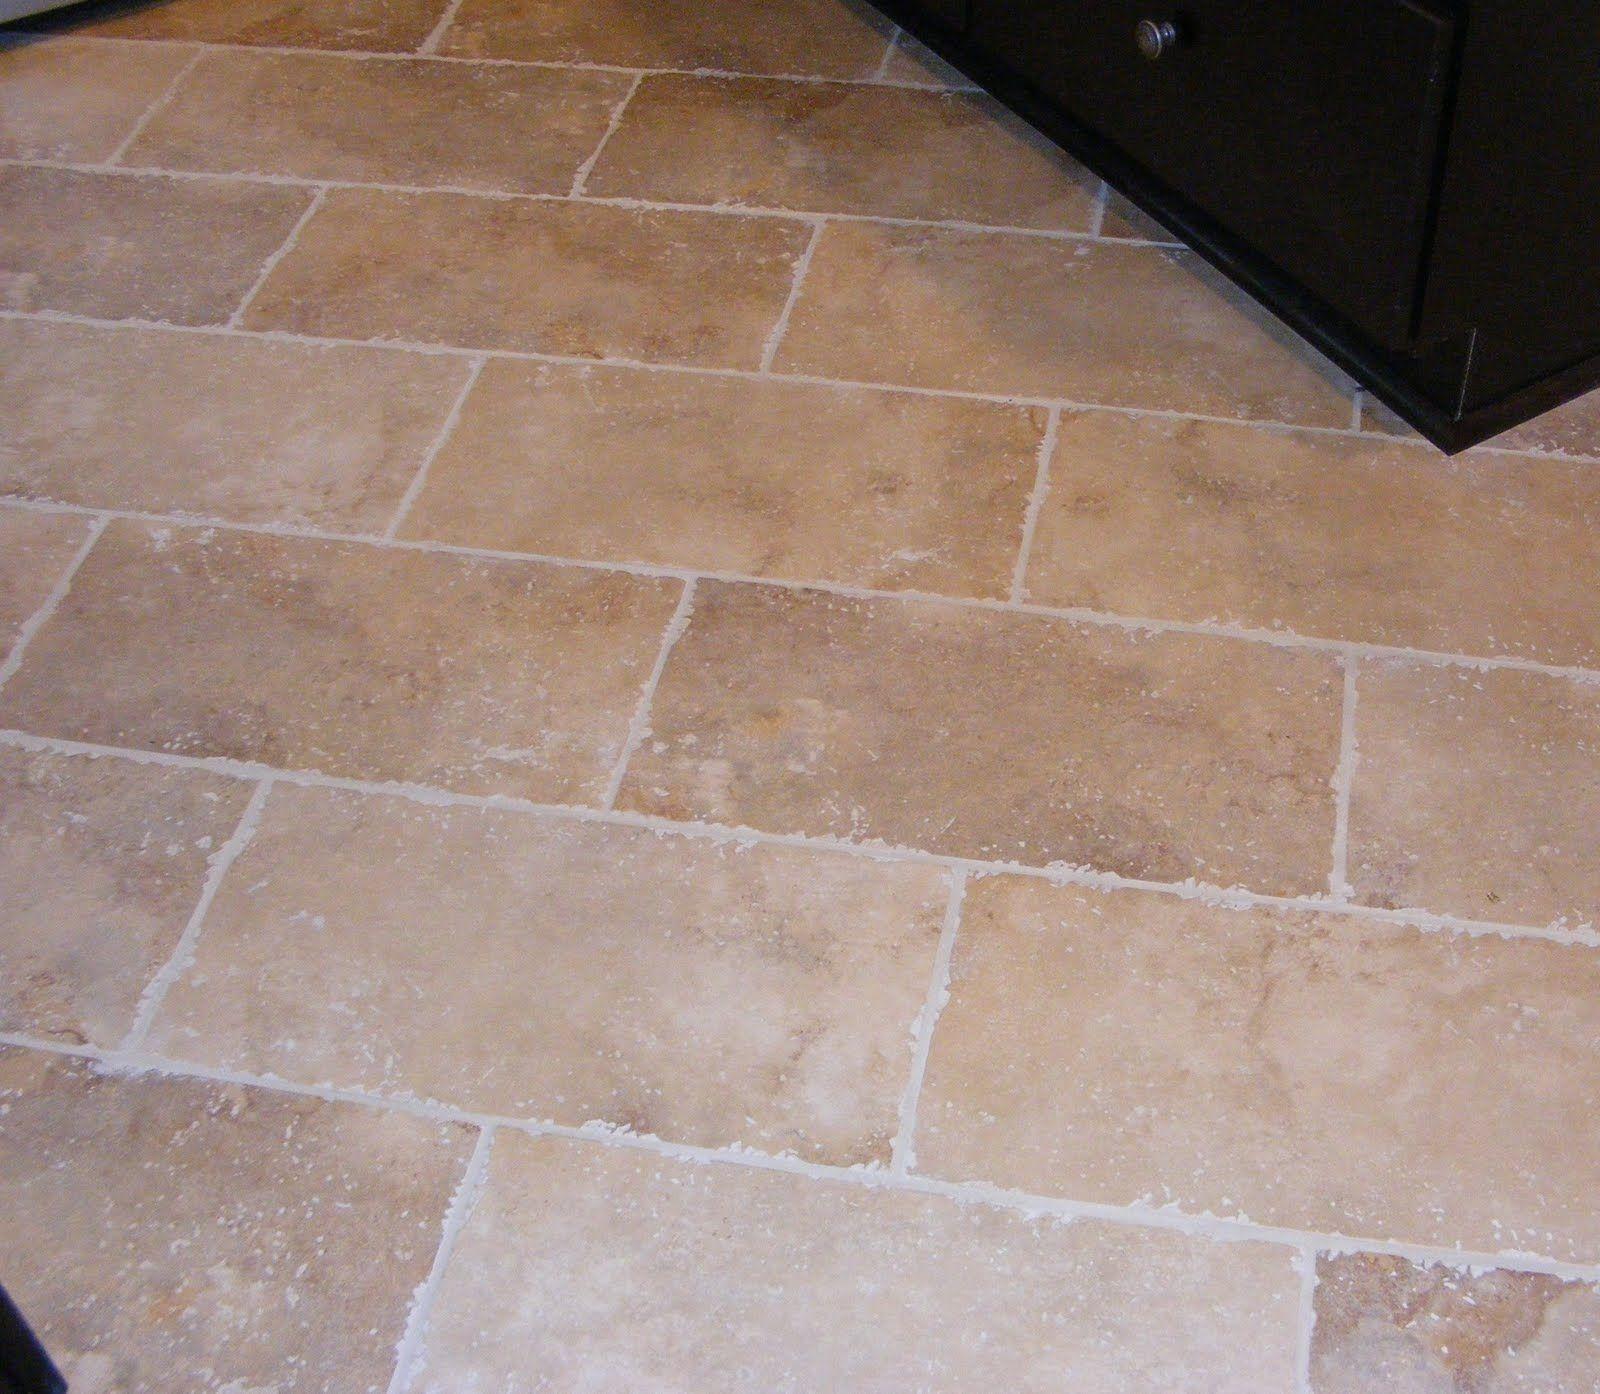 Rectangle floor tile patterns httpnextsoft21 pinterest rectangle floor tile patterns kitchen tile flooringkitchen tilescheap dailygadgetfo Gallery